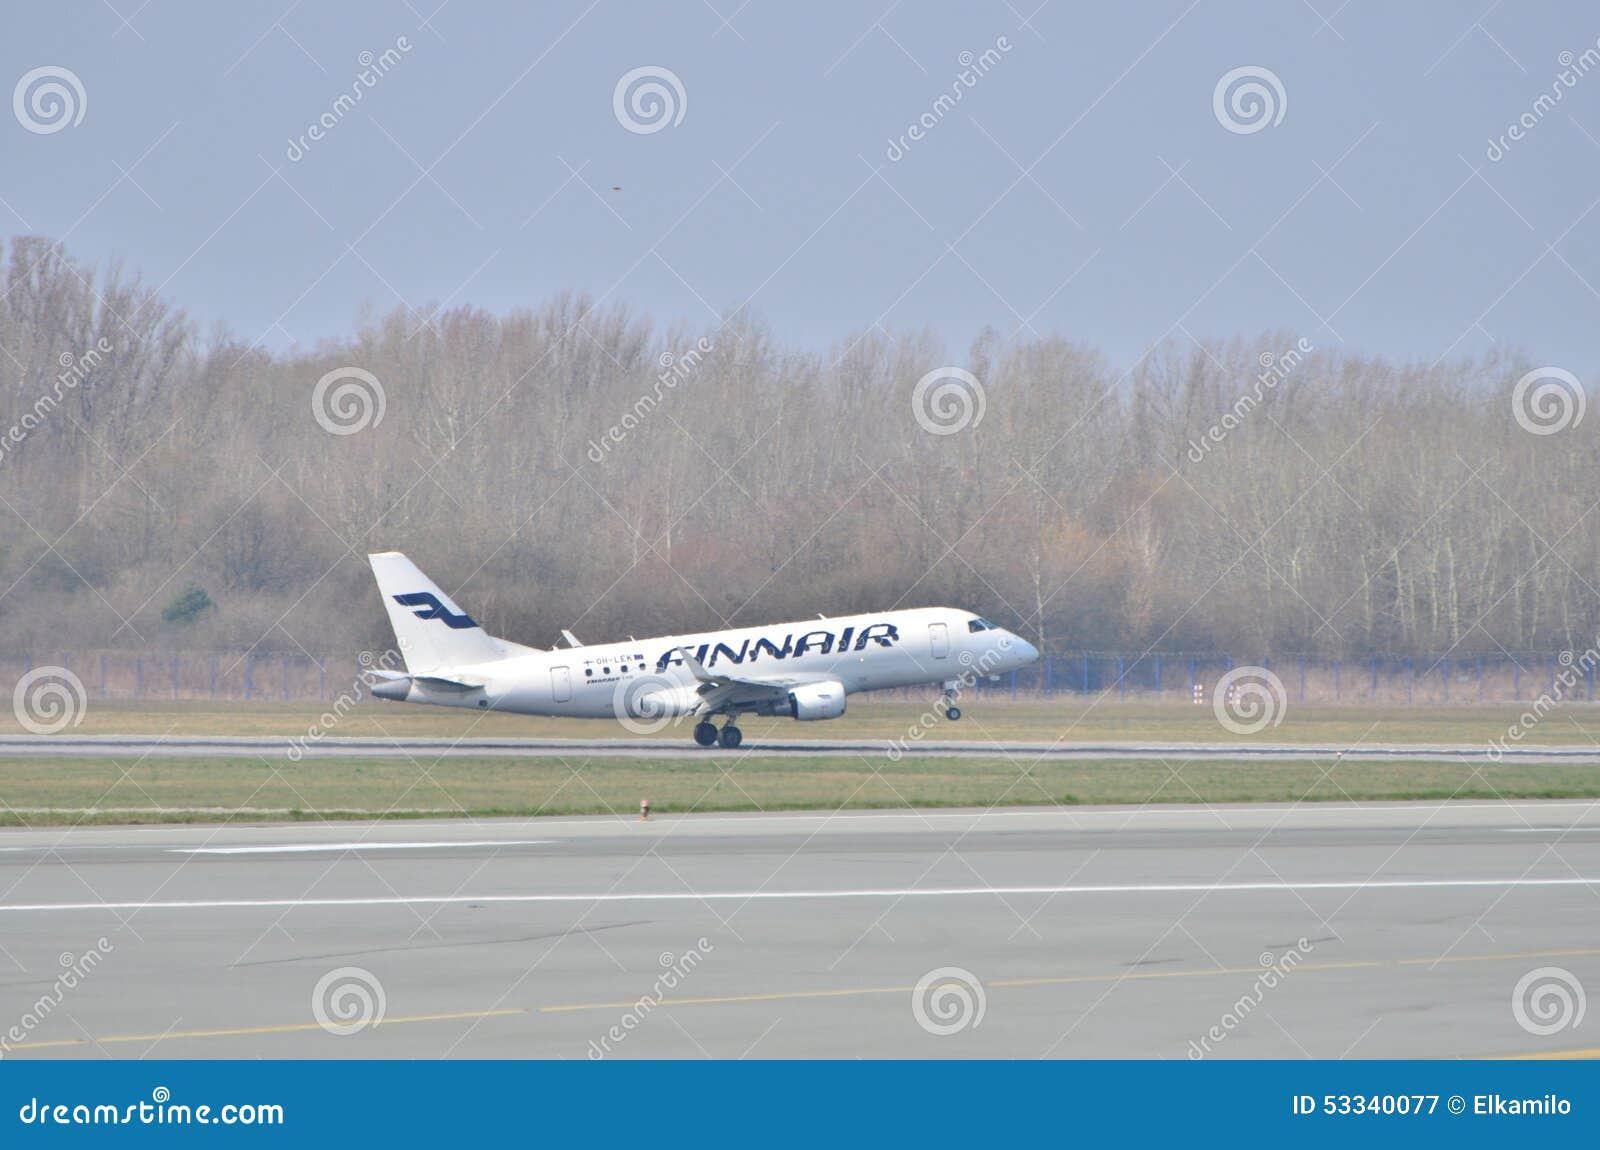 芬兰航空公司飞机 图库摄影片